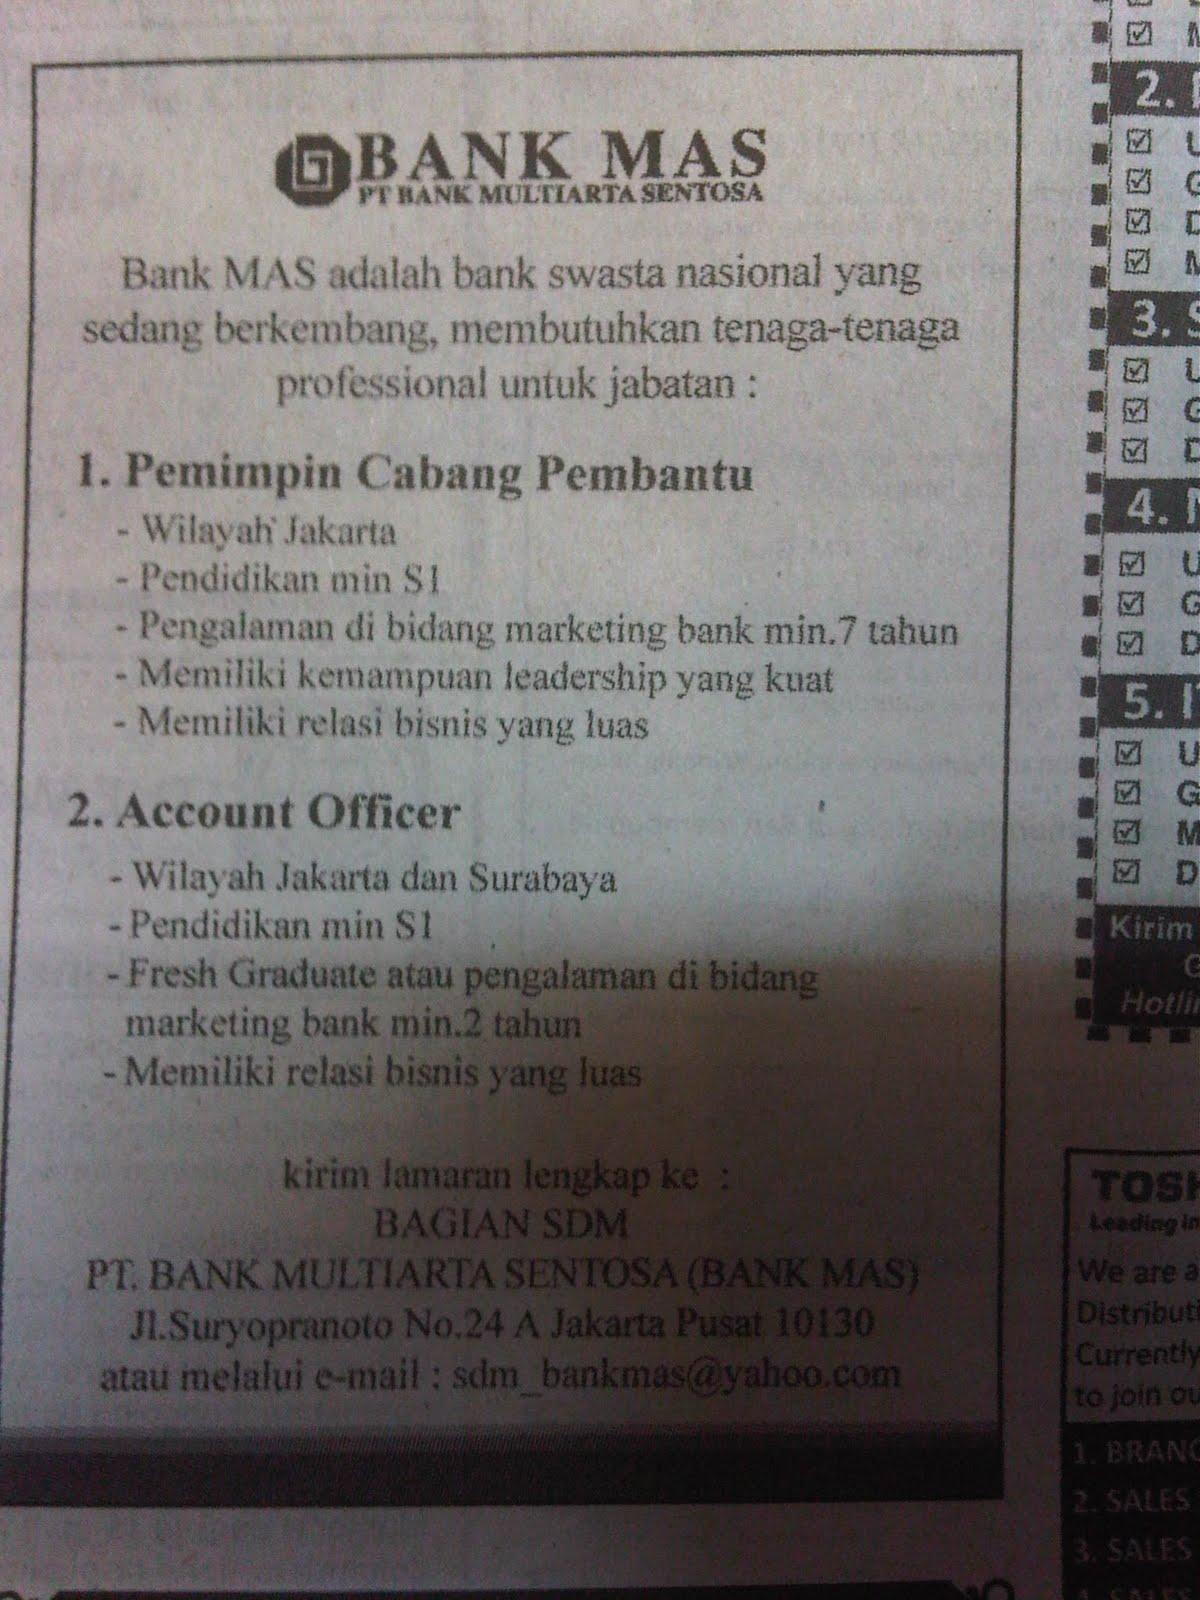 Loker Hari Ini Di Tangerang Karir Bogor Lowongan Kerja Bogor Info Loker Job Fair Lowongan Kerja Di Bank Mas Jakarta